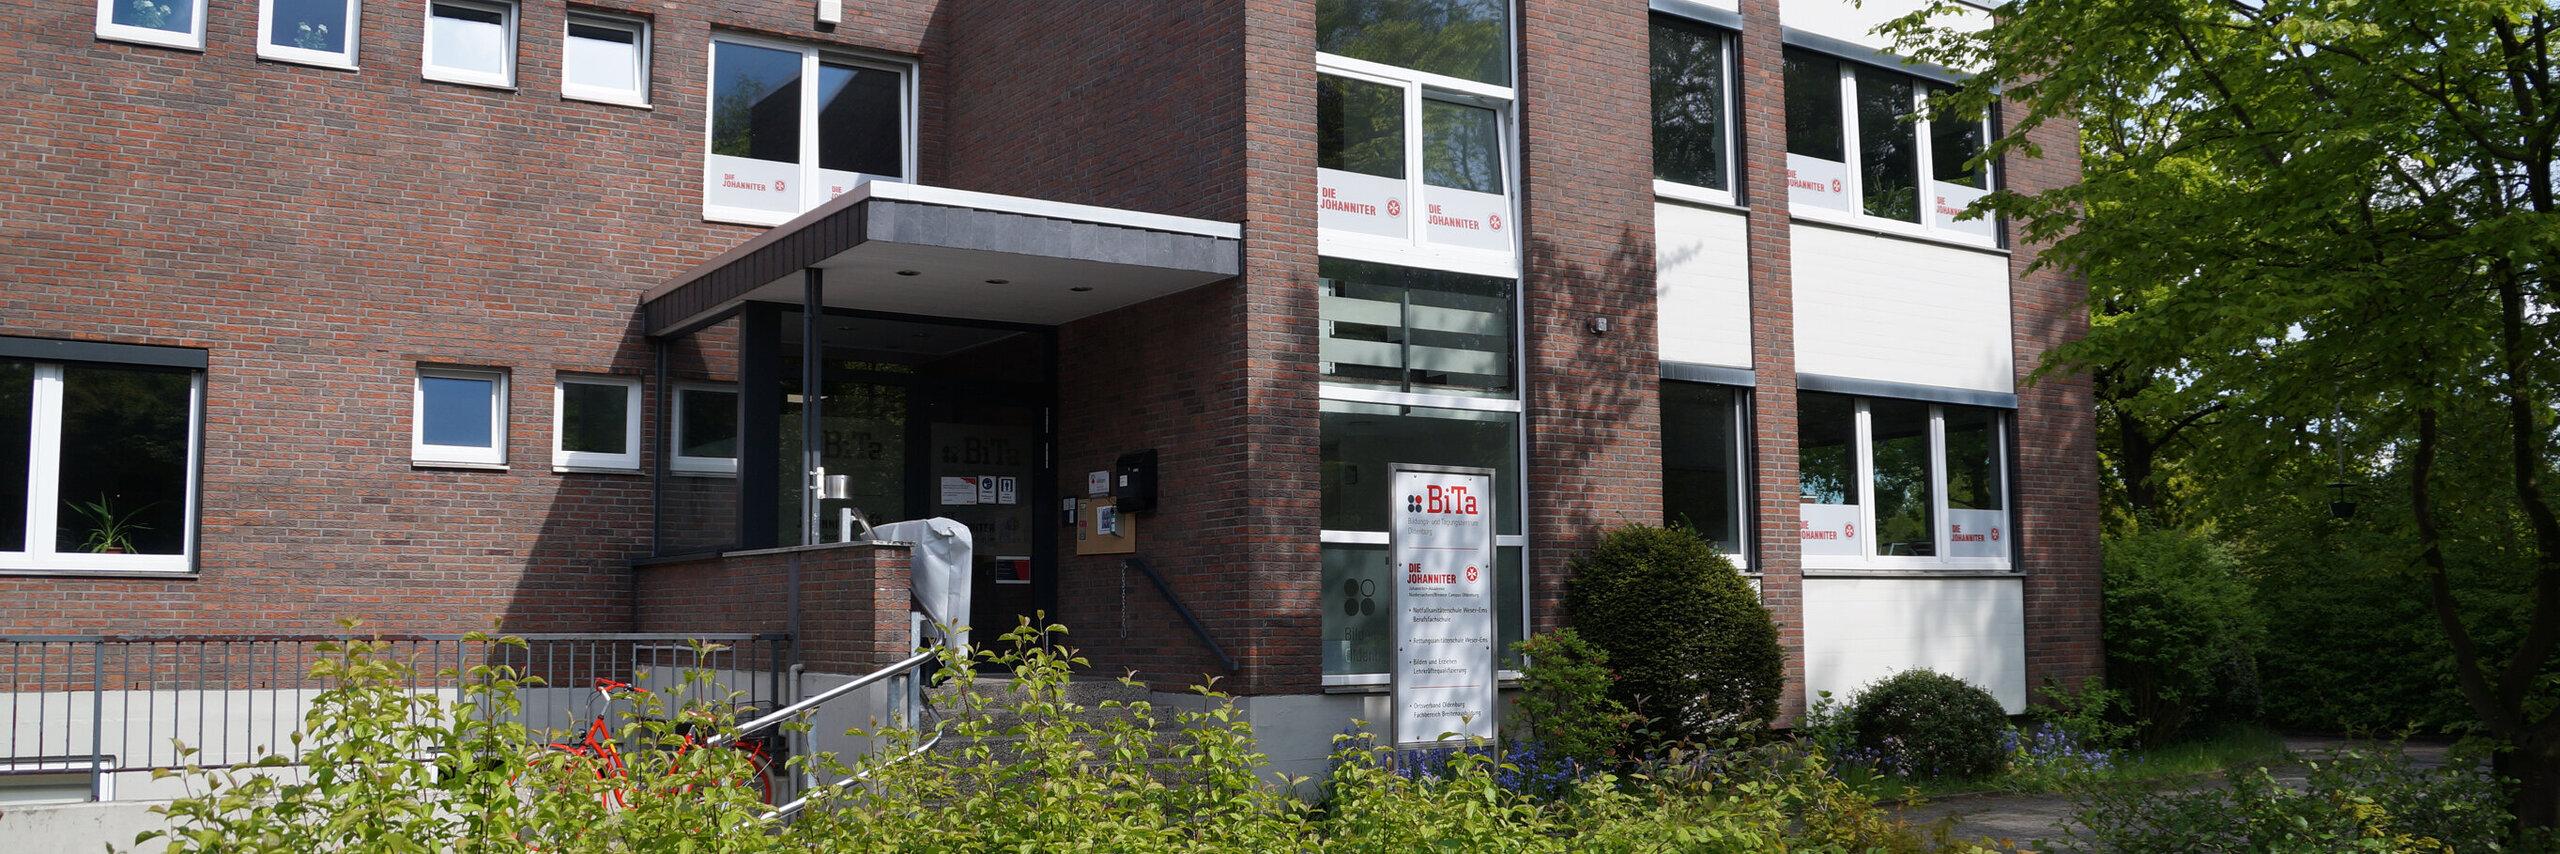 Campus Oldenburg, Johanniter-Akademie Niedersachsen/Bremen